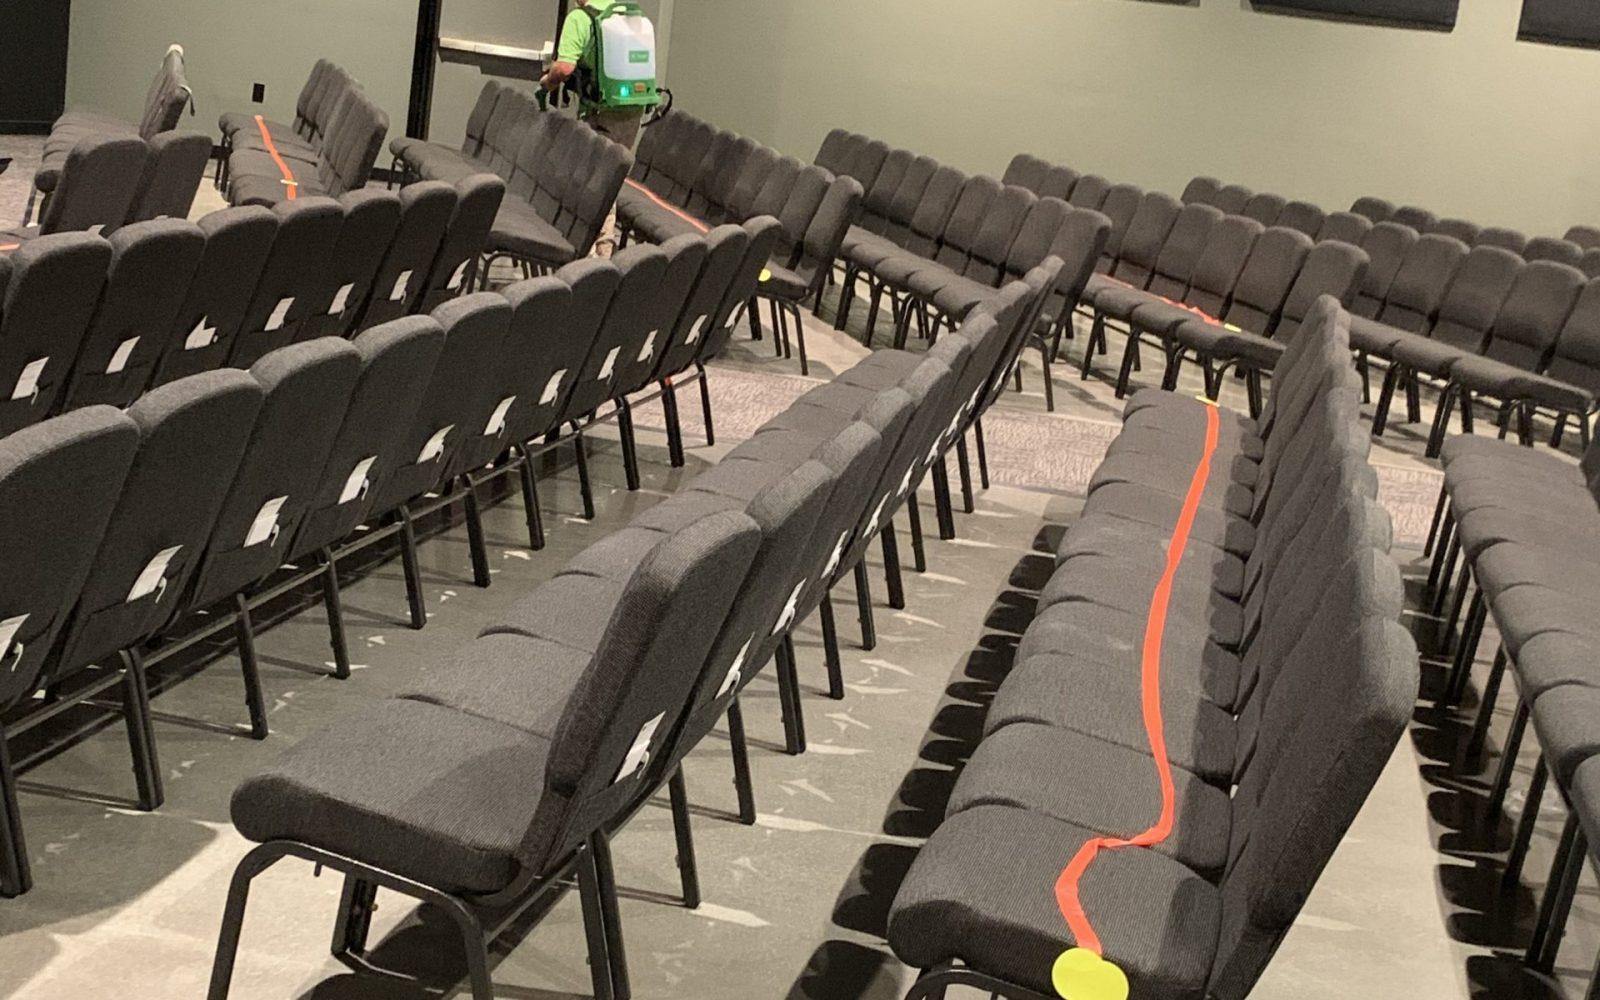 tc-services-disinfecting-auditorium-greenville-sc